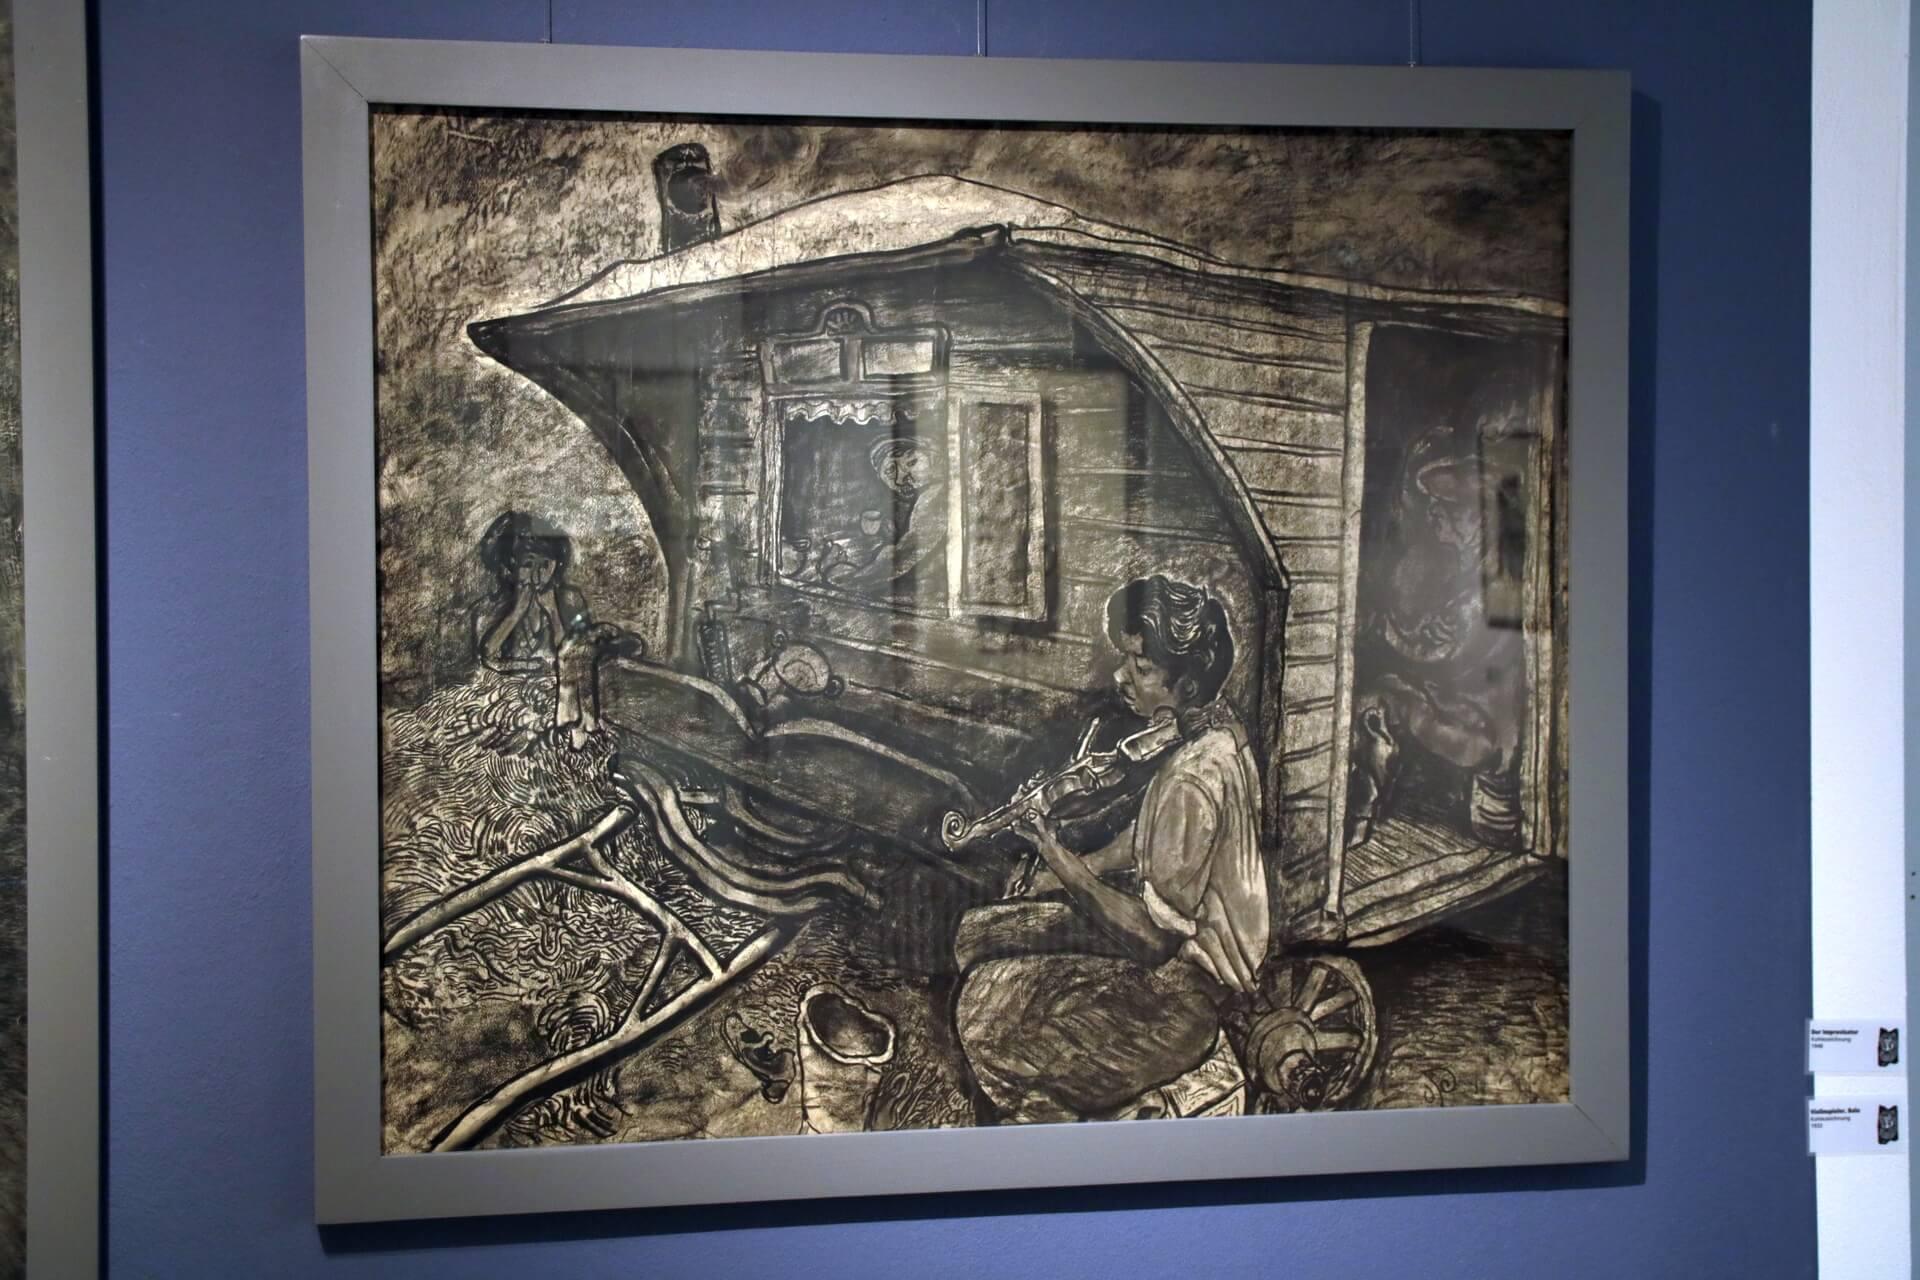 Otto Pankok Ausstellung - fotografiert von Frank Kotte - Bild 6